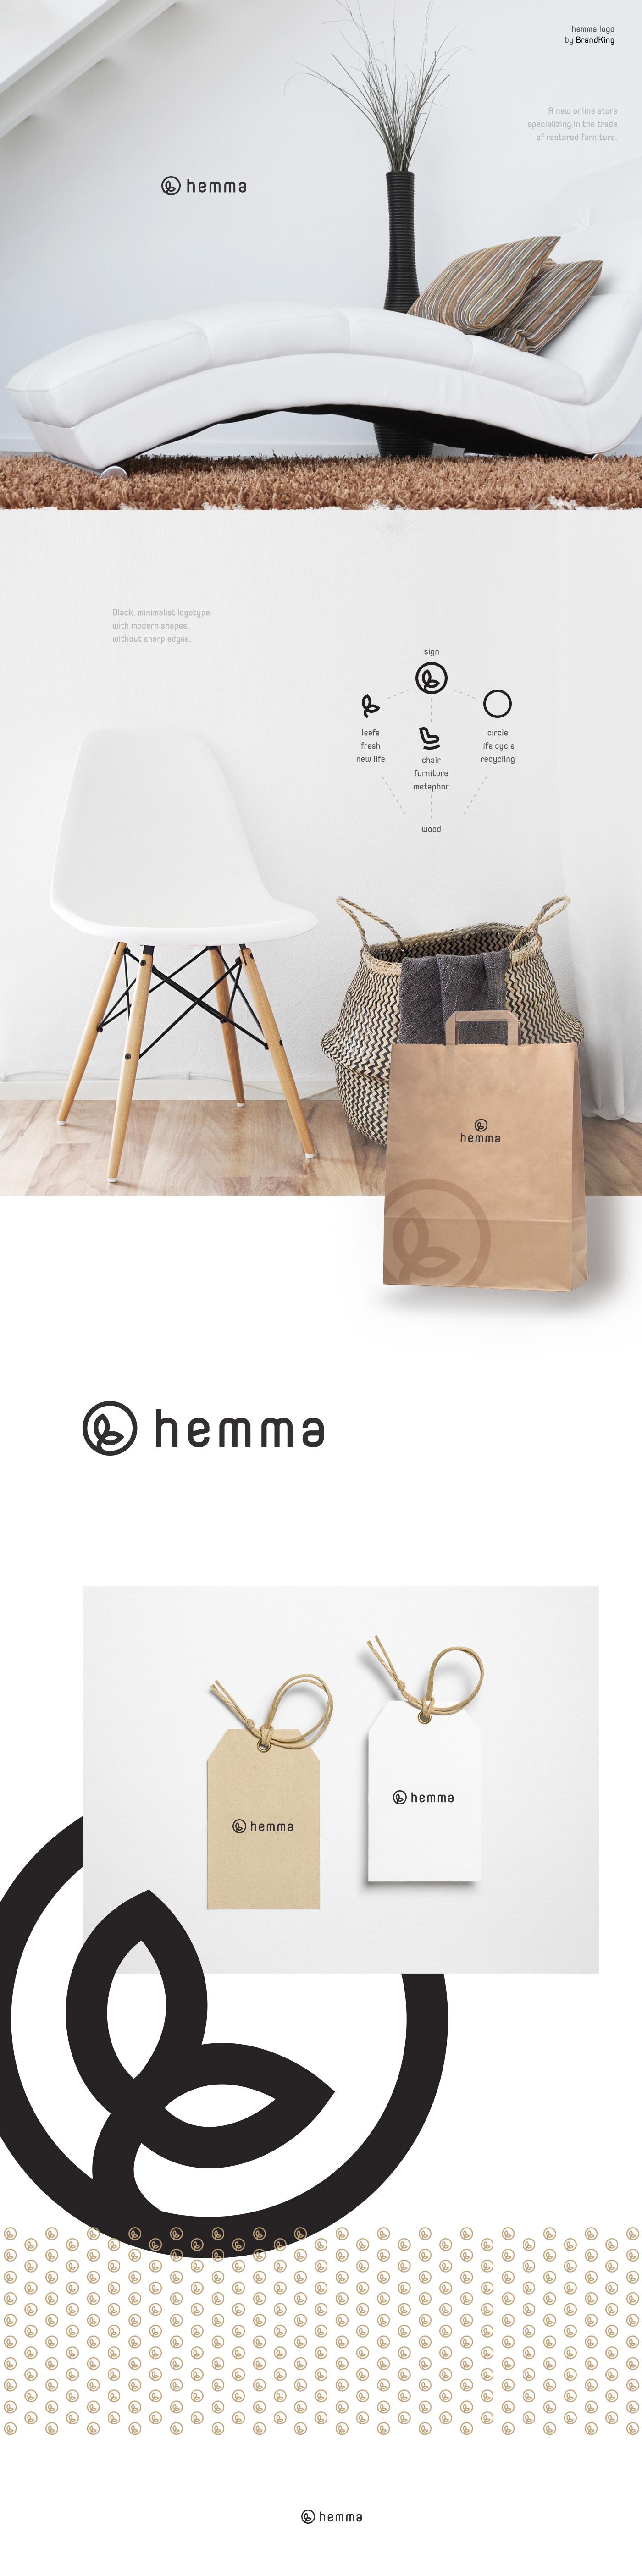 完美的37張品牌logo設計欣賞